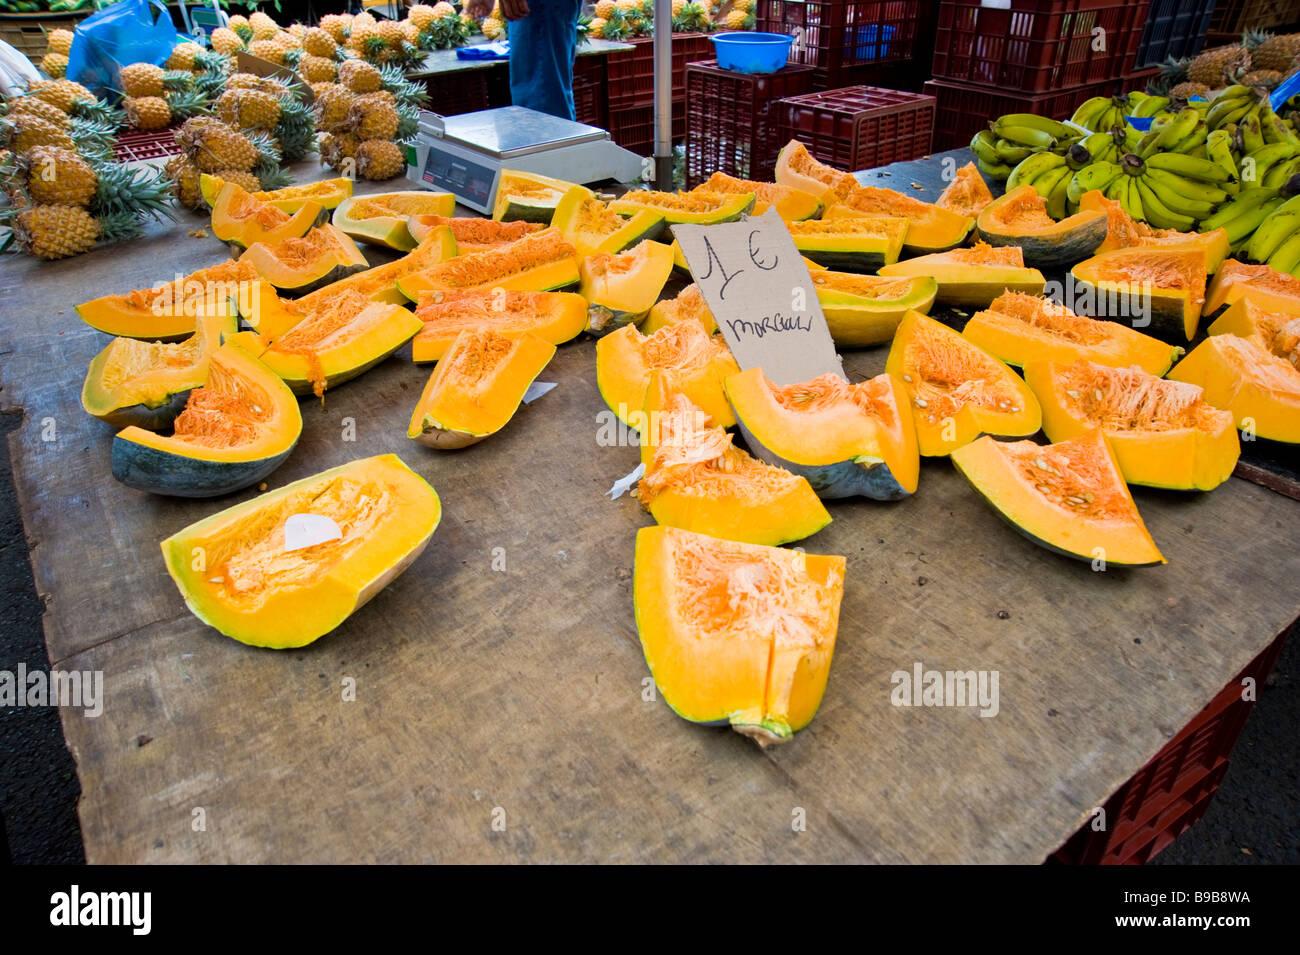 Tropical fruit market La Réunion France | Tropische Früchte auf einem MArkt in La Réunion - Stock Image